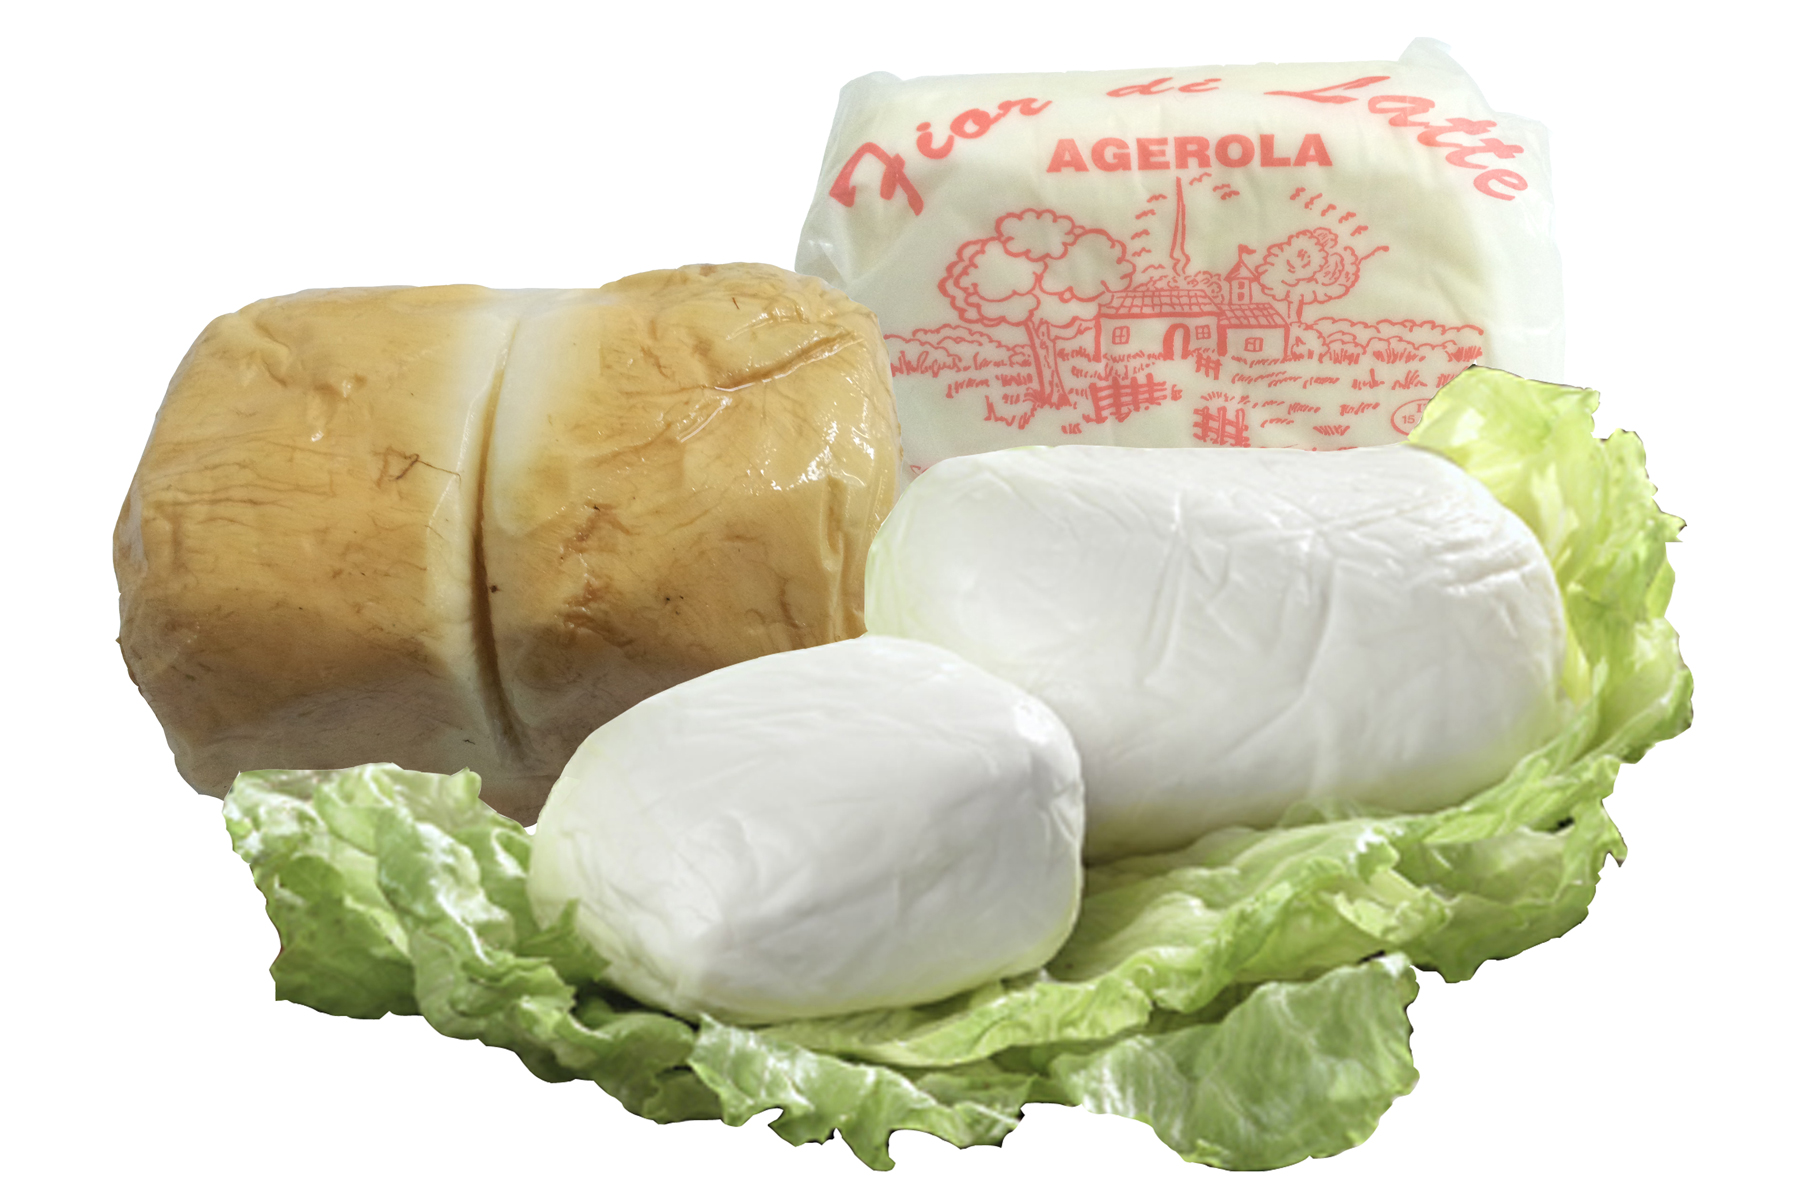 fior-di-latte-di-agerola-secret-world